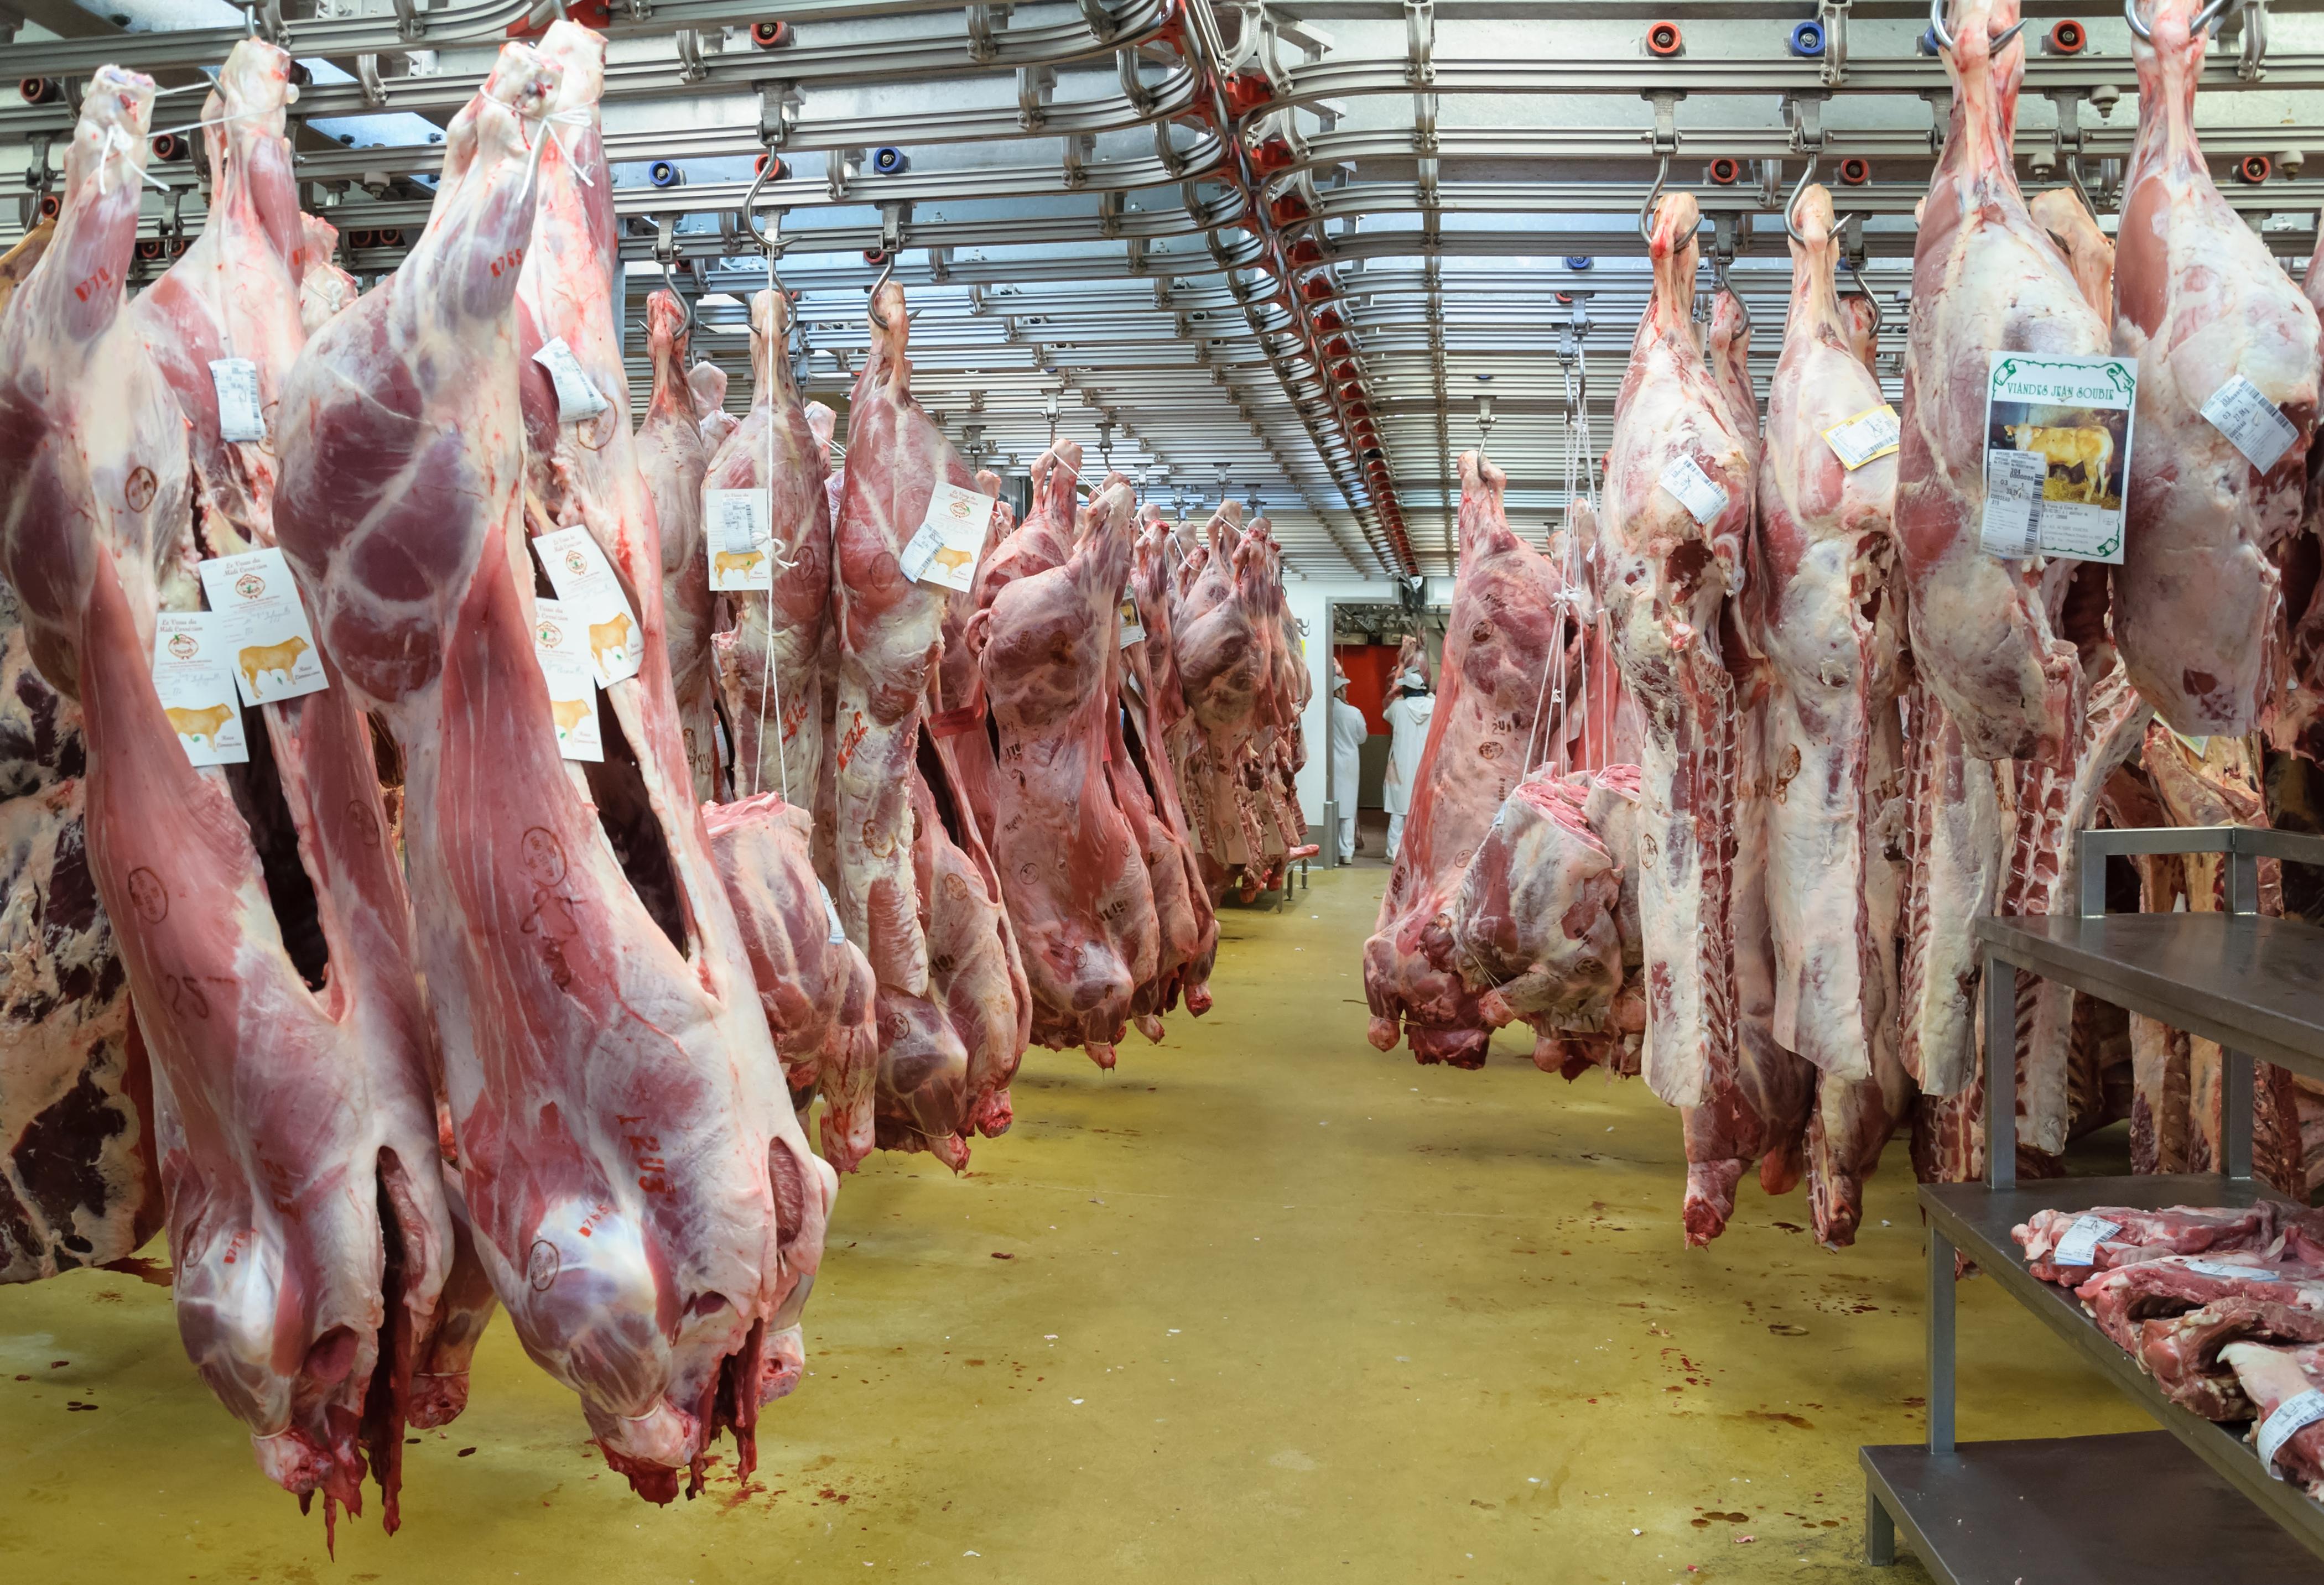 De acuerdo al Centro de Enfermedades Contagiosas (CDC por sus siglas en inglés) , más de 16,000 trabajadores en 239 plantas de carne se contagiaron de COVID-19 en los sexis primeros meses de 2020. De esta cifra más de la mitad de los/as trabajadores/as infectados/as son latinos/as. Foto cortesía de Wikipedia.